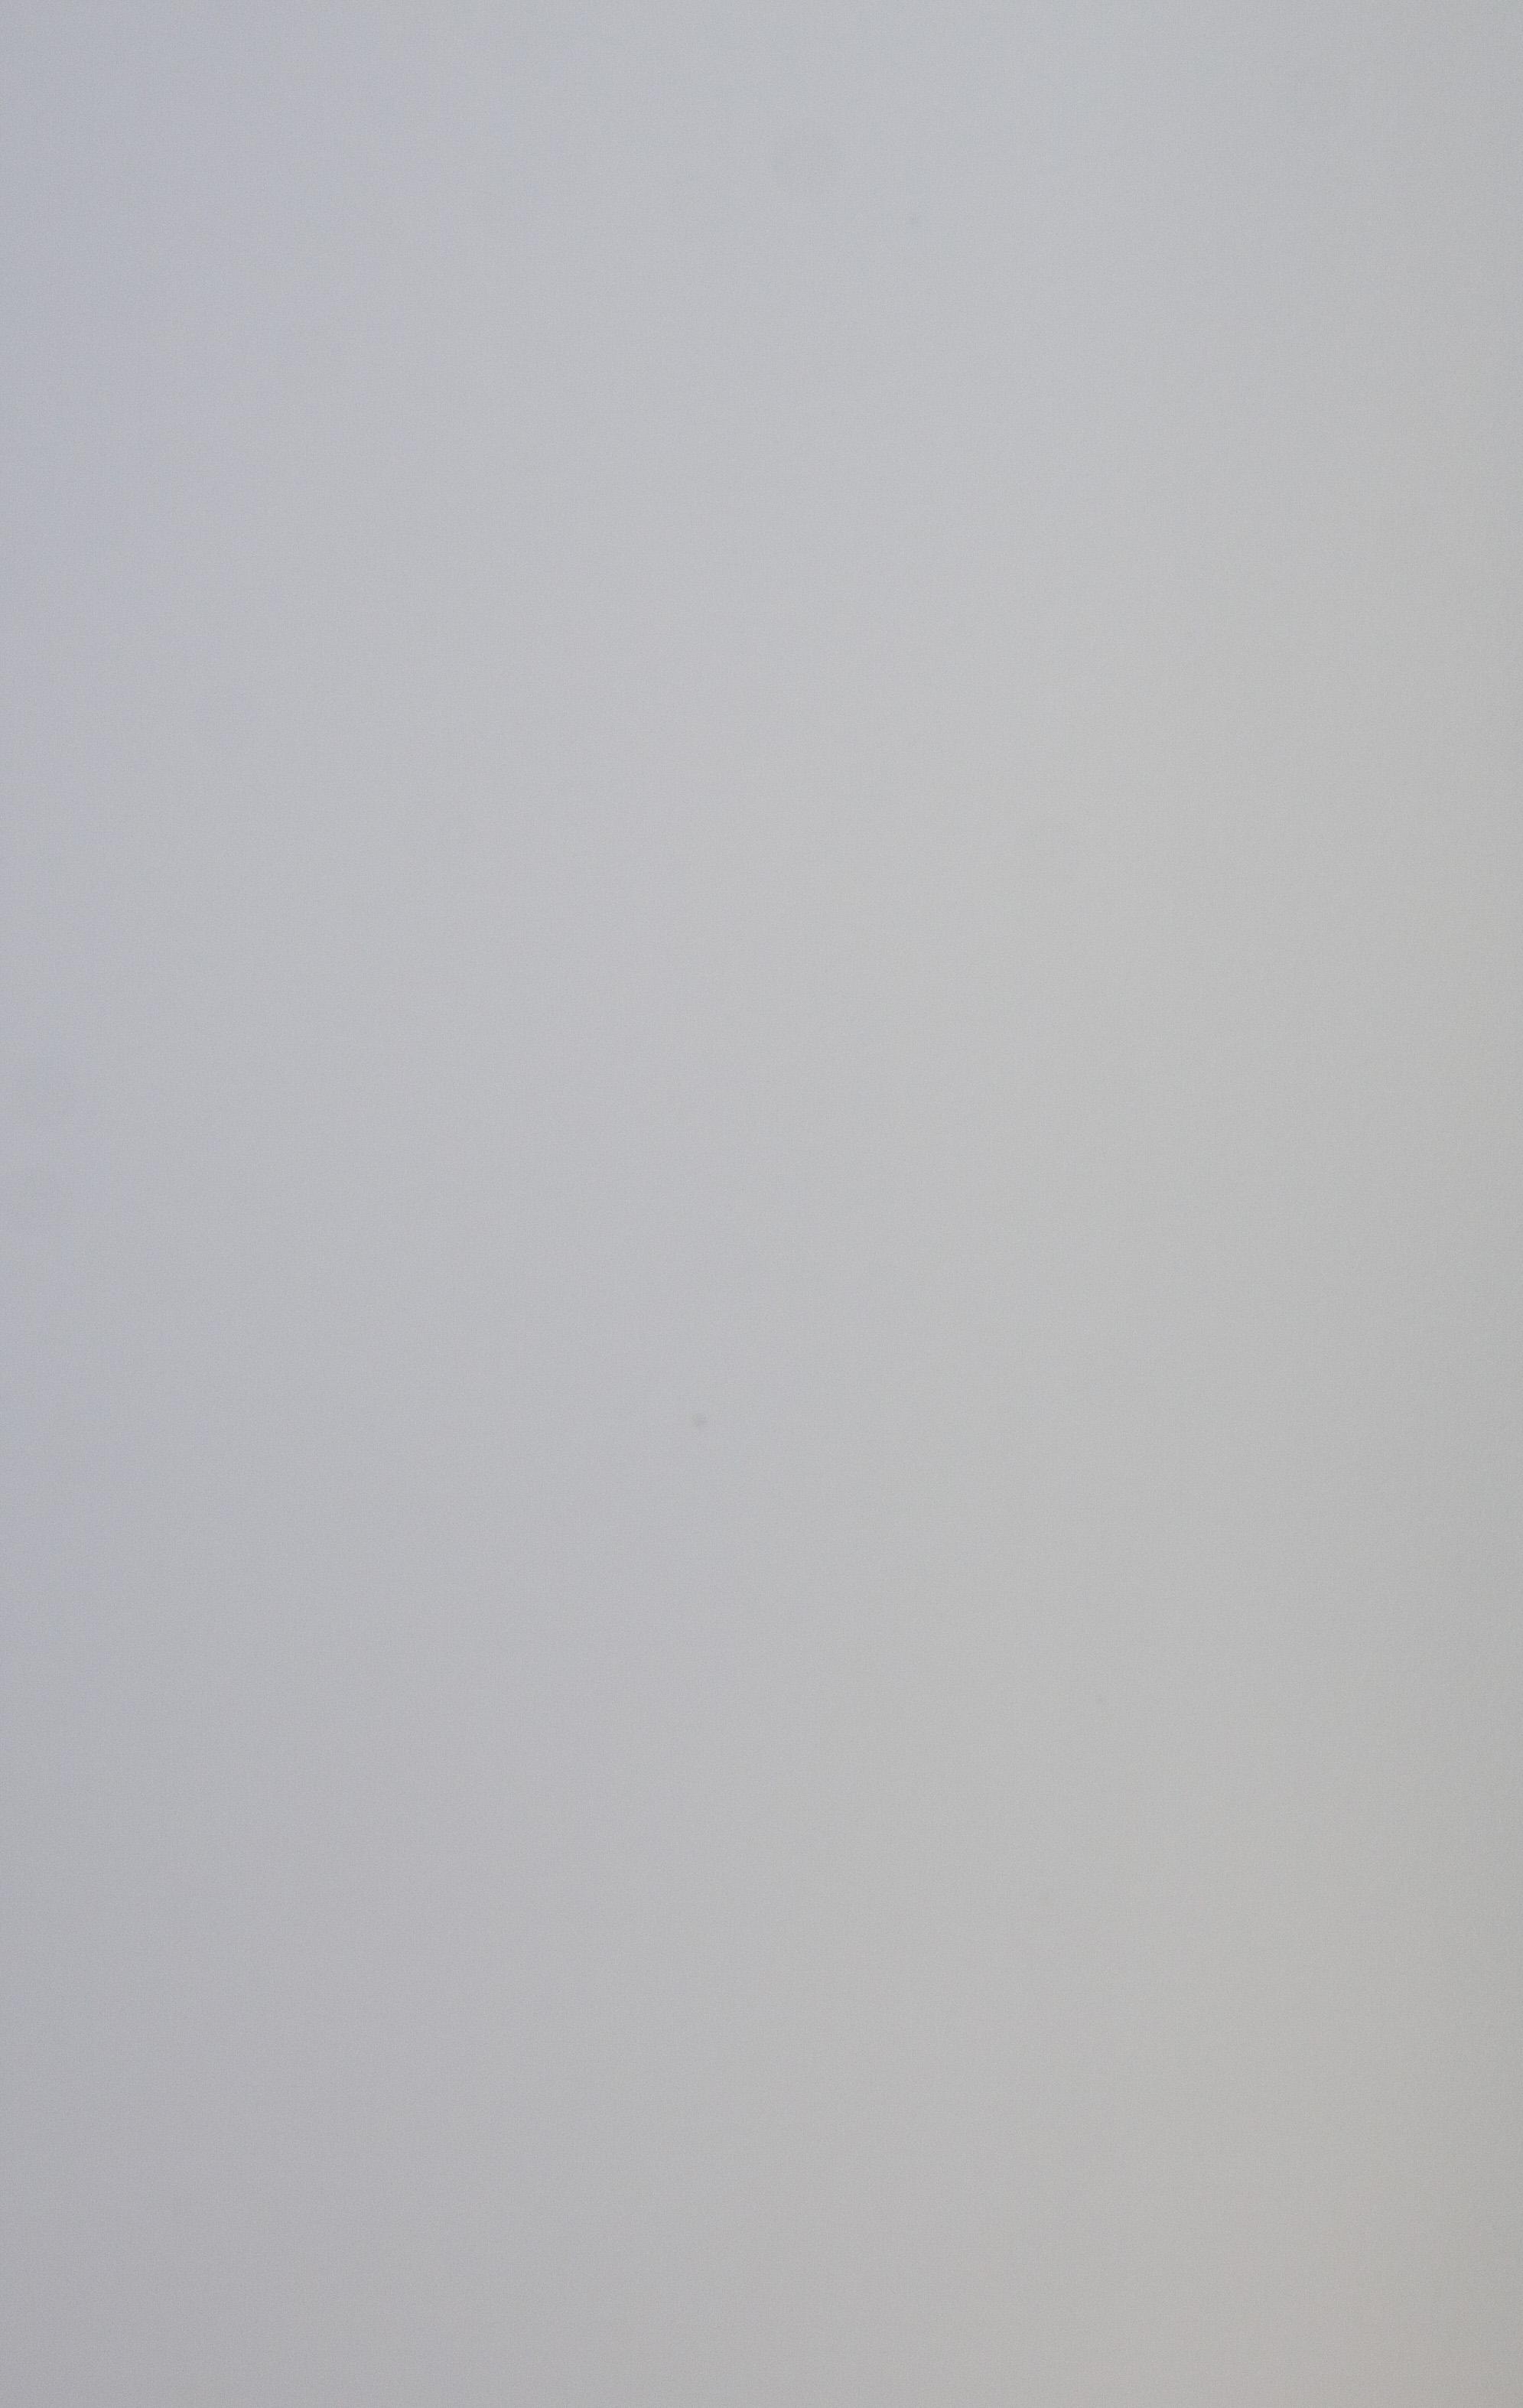 GrojaPremo HPL Sichtschutzelement Waagrecht 180x90 Uni Grau